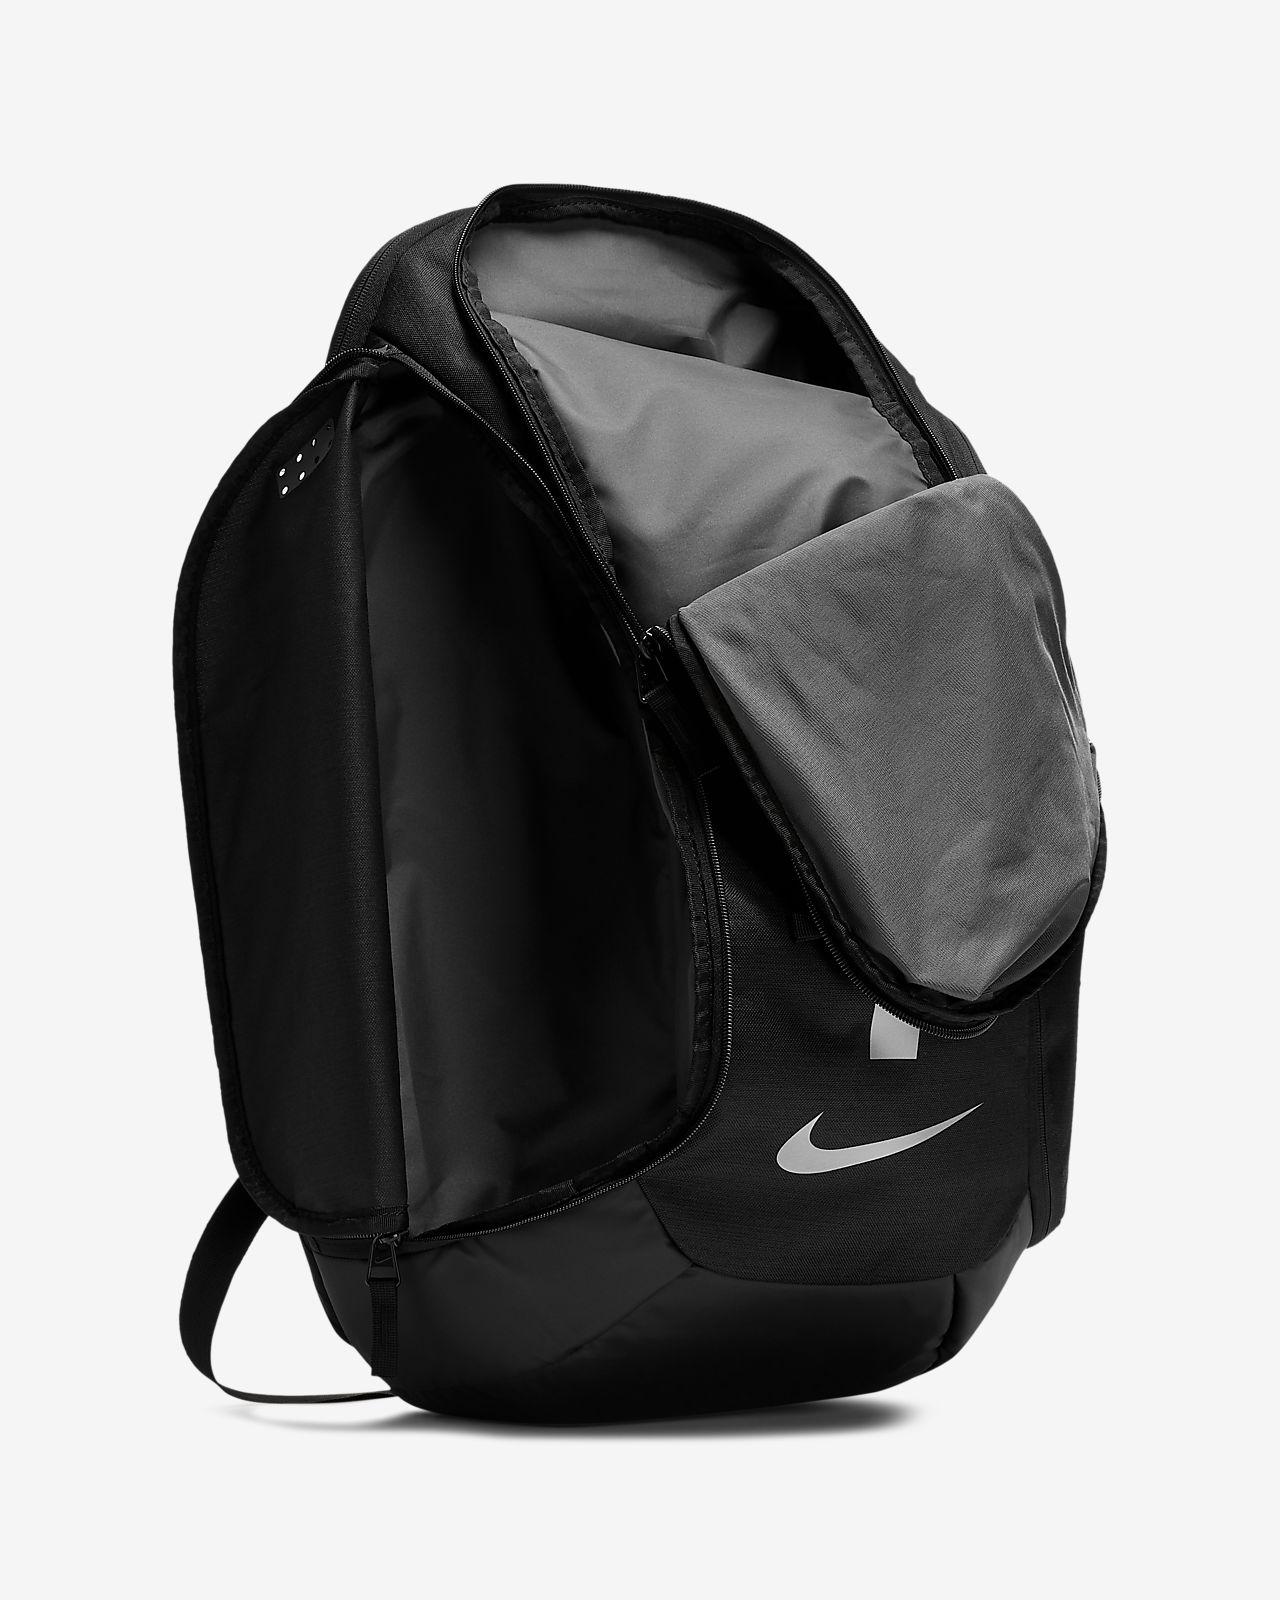 Nike Air: Nike Max Air Backpack Price